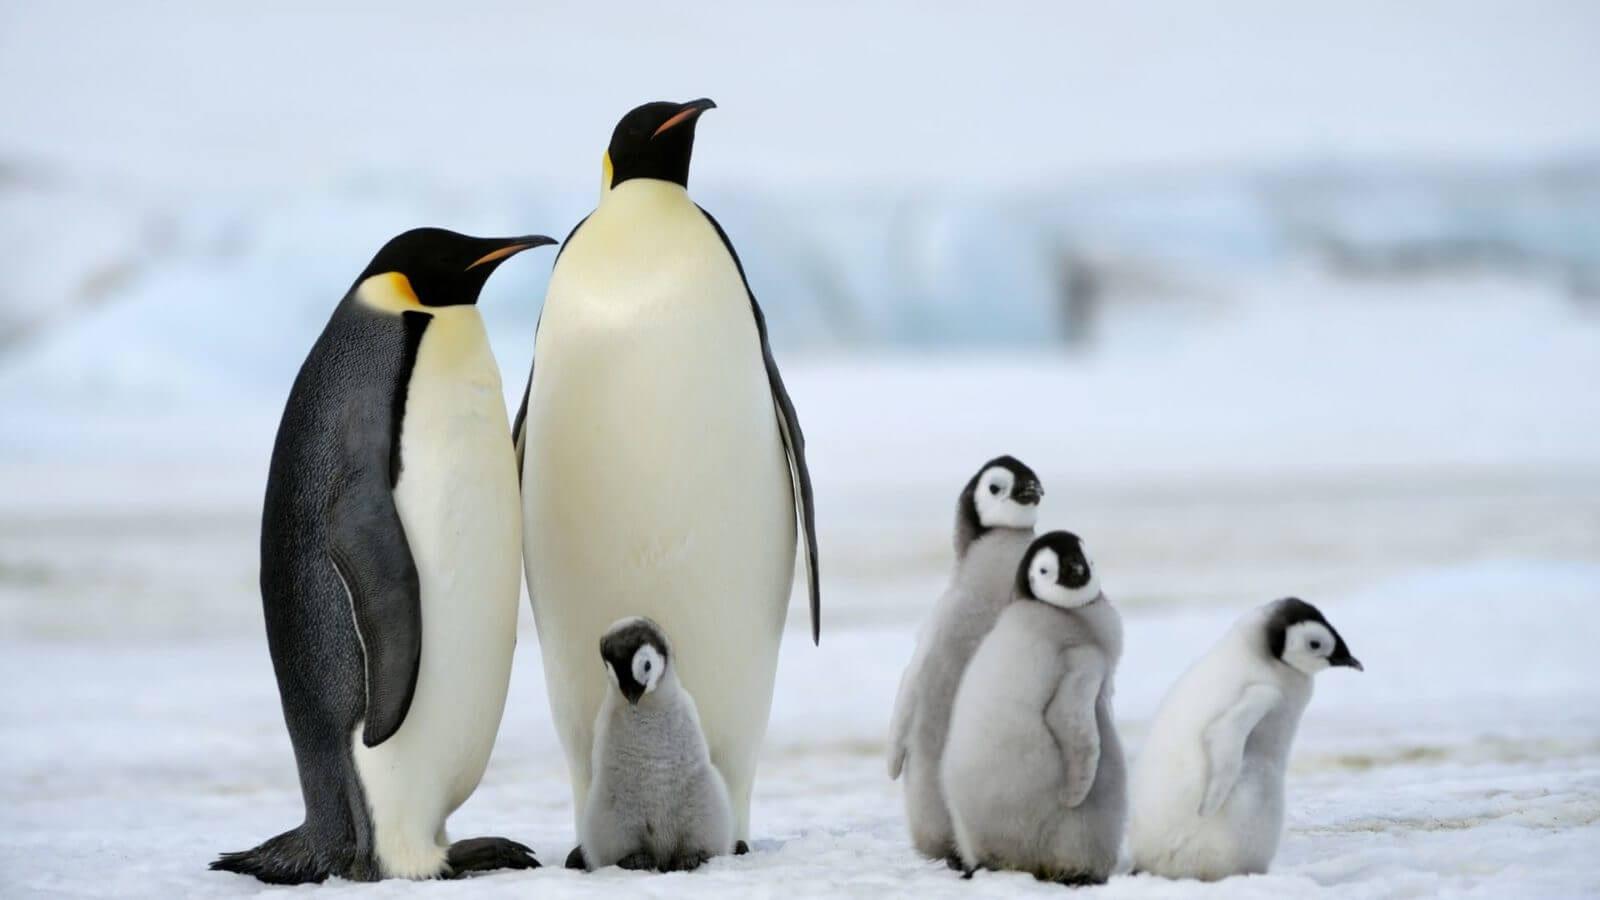 Pinguim - Características, alimentação, reprodução e espécies principais